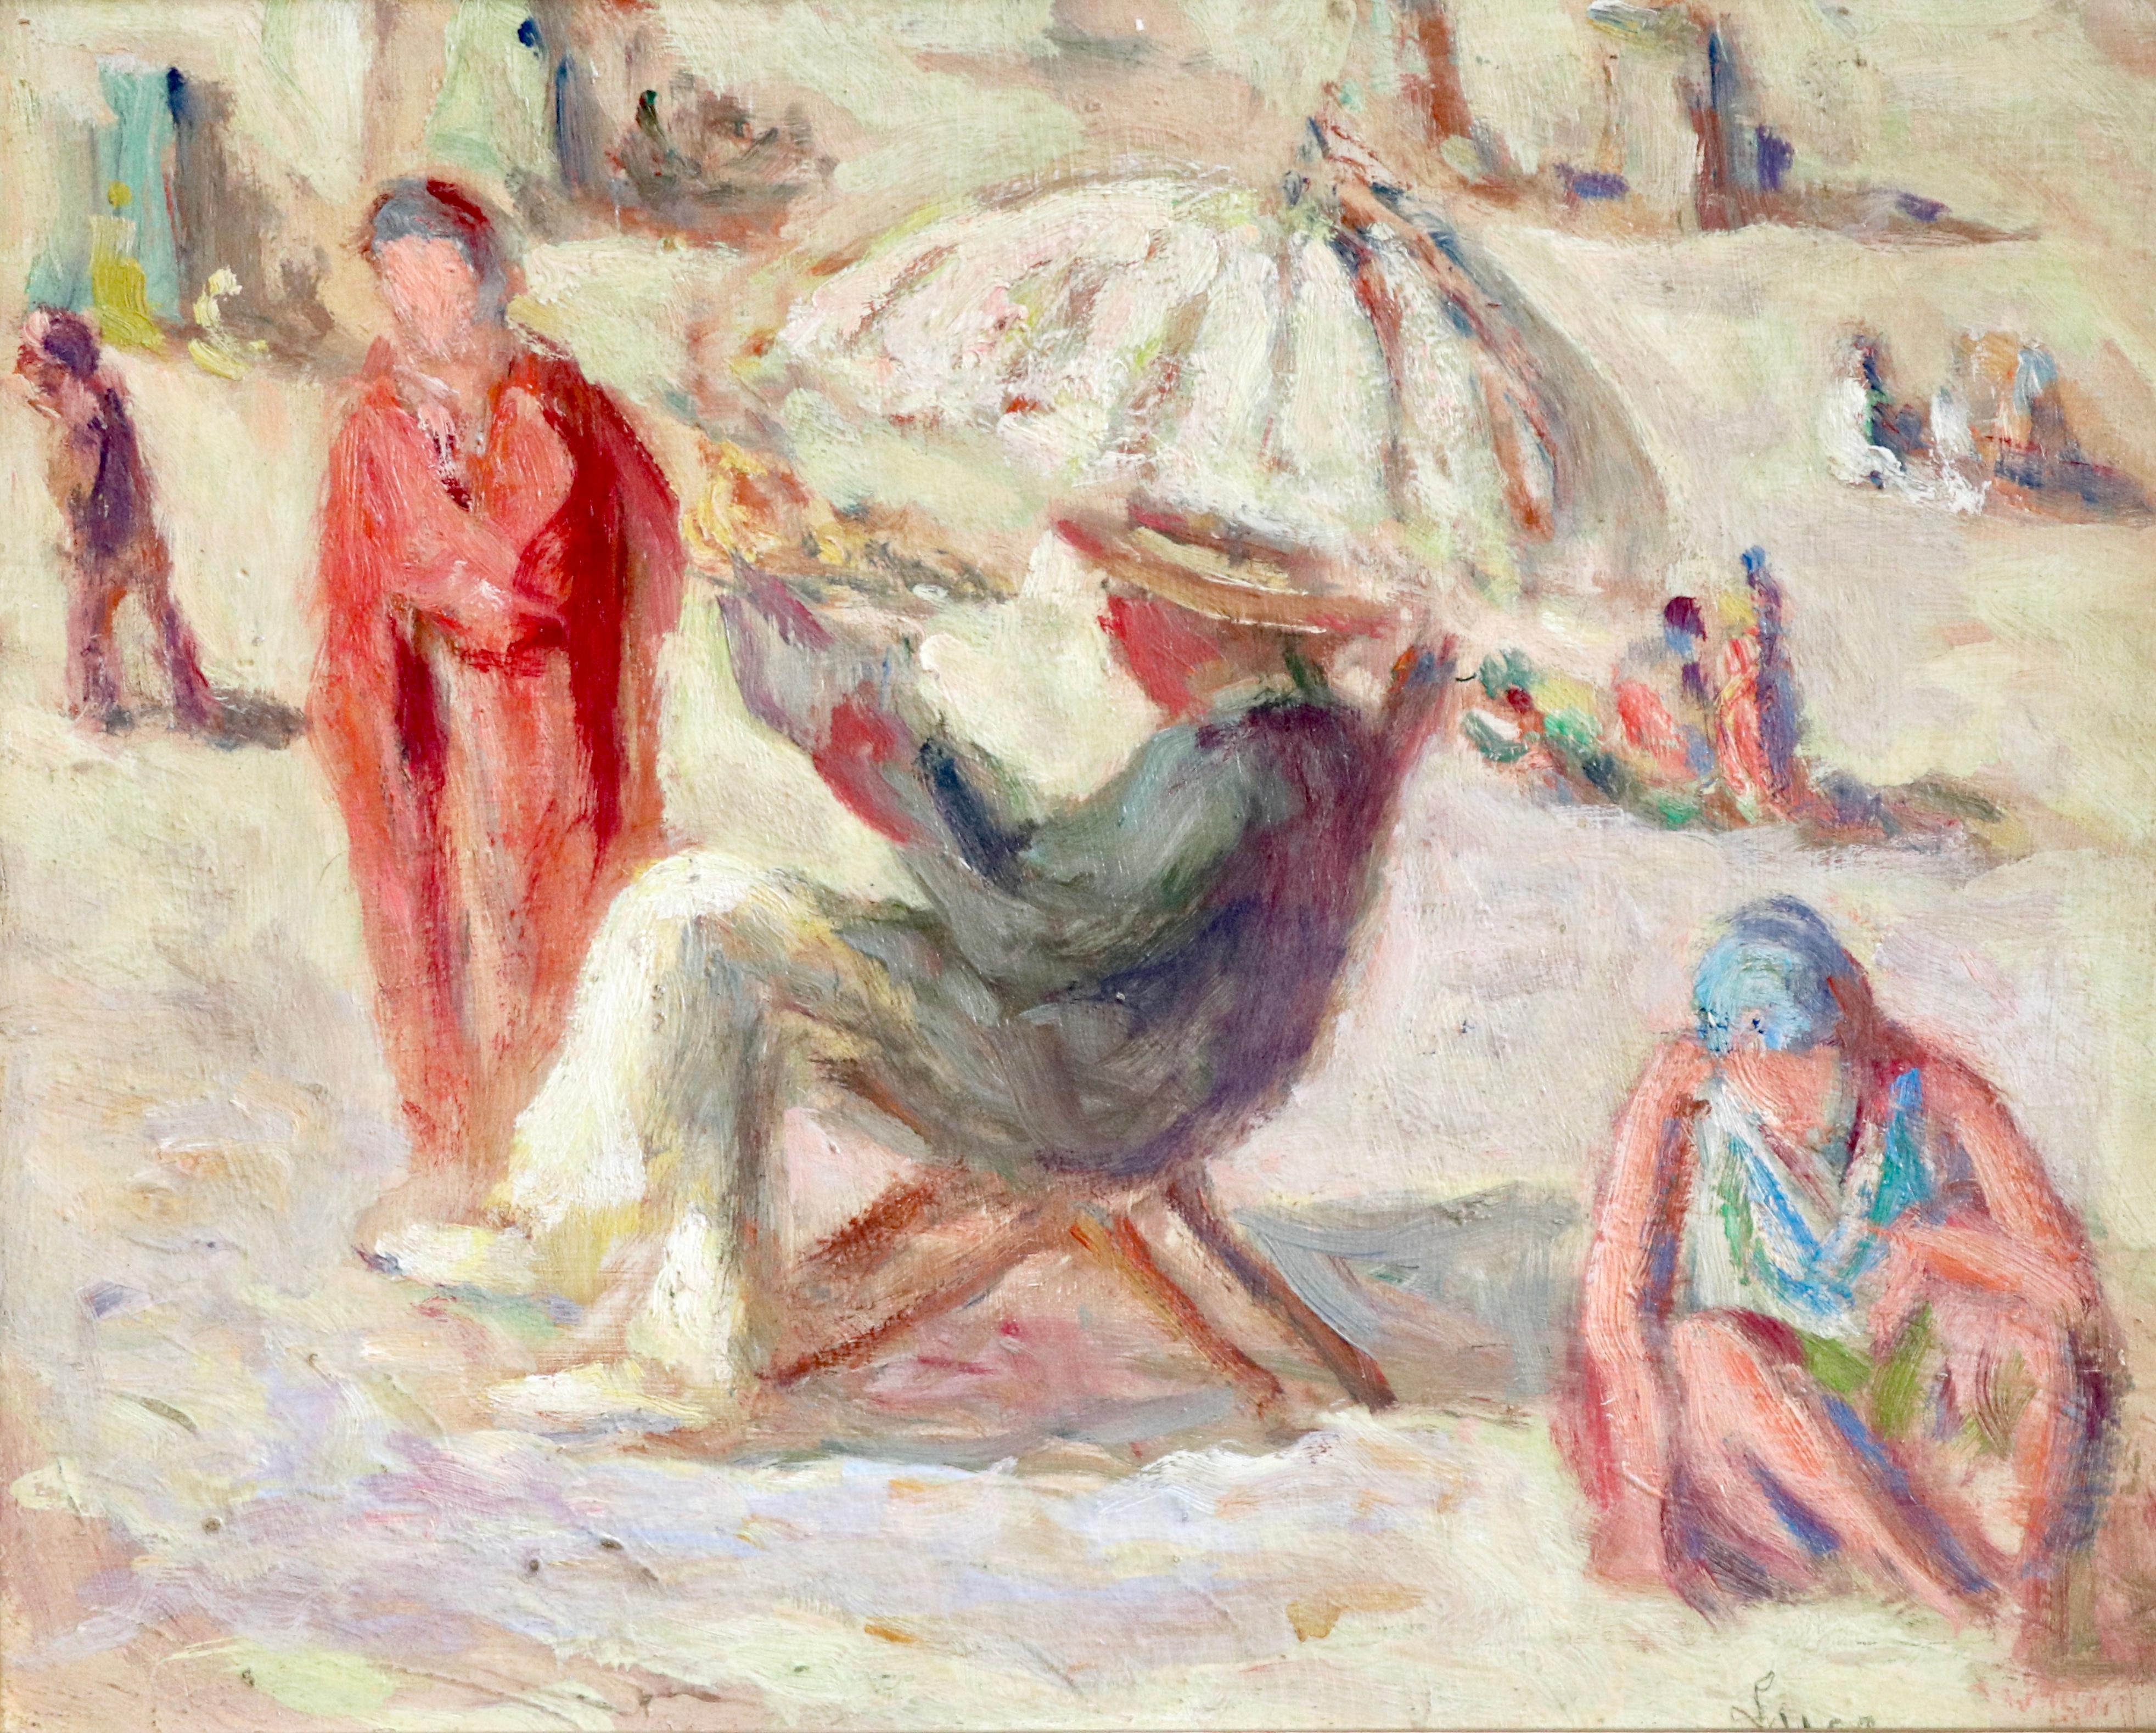 Sur la Plage - Riva Bella - 19th Century Oil, Figures at Beach Landscape by Luce